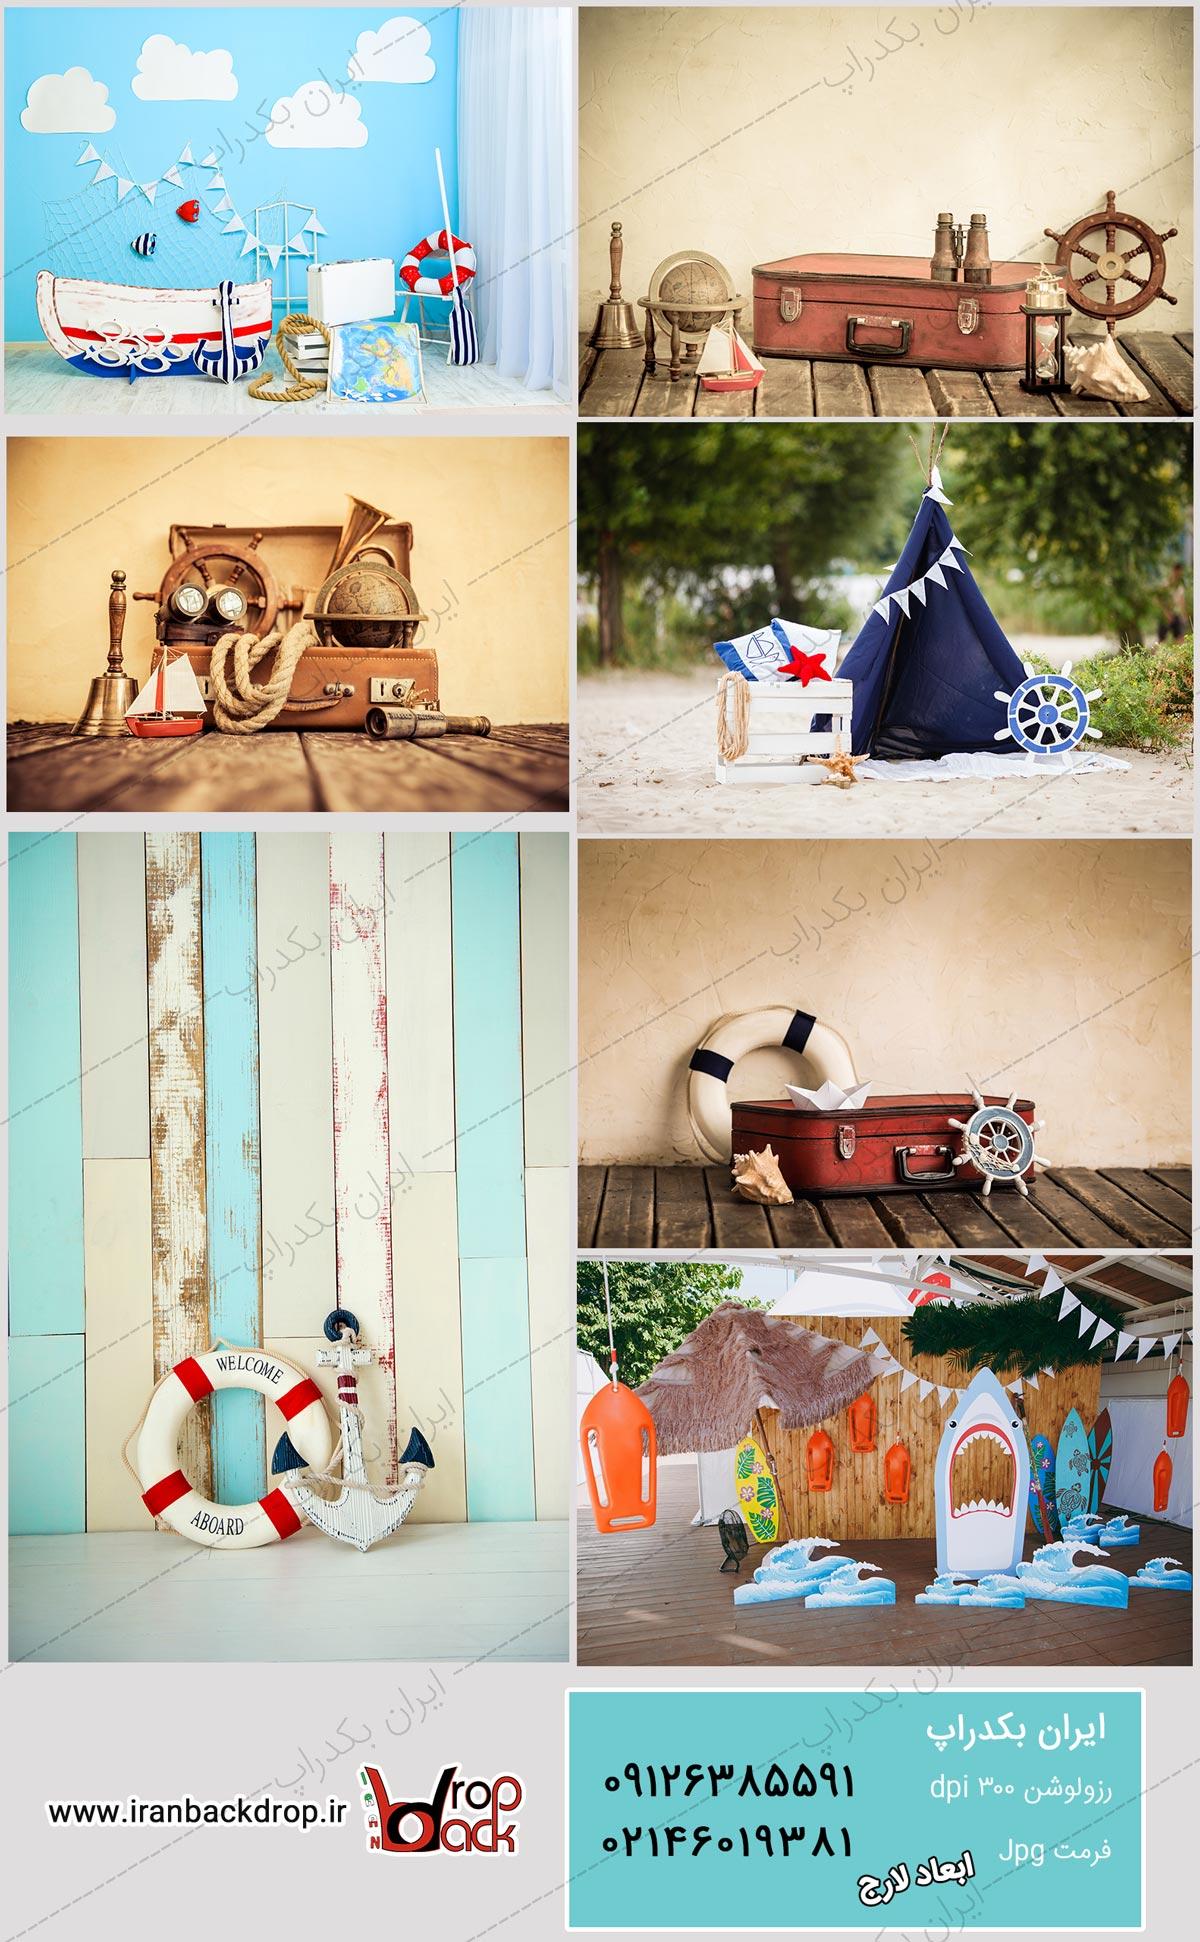 بک گراند عکاسی تابستانی